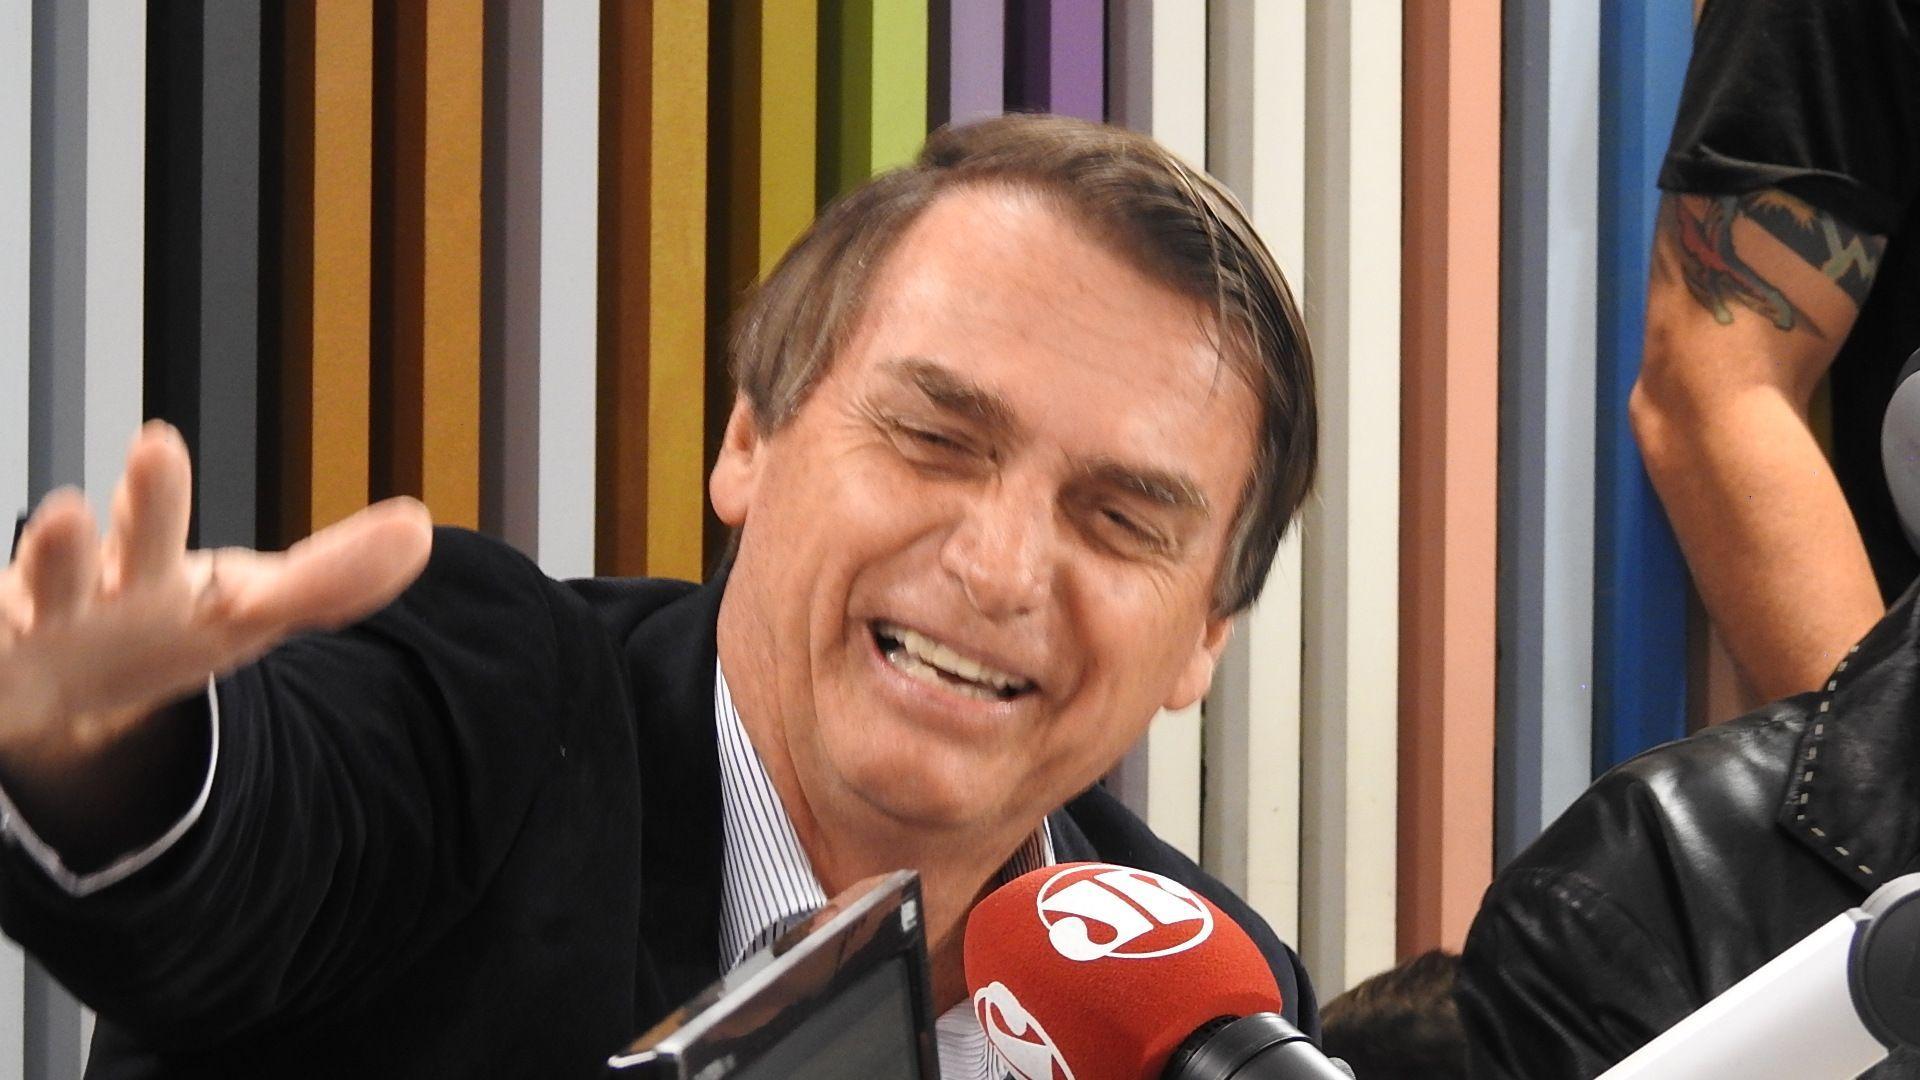 Ministro afirma que Bolsonaro foi ameaçado novamente